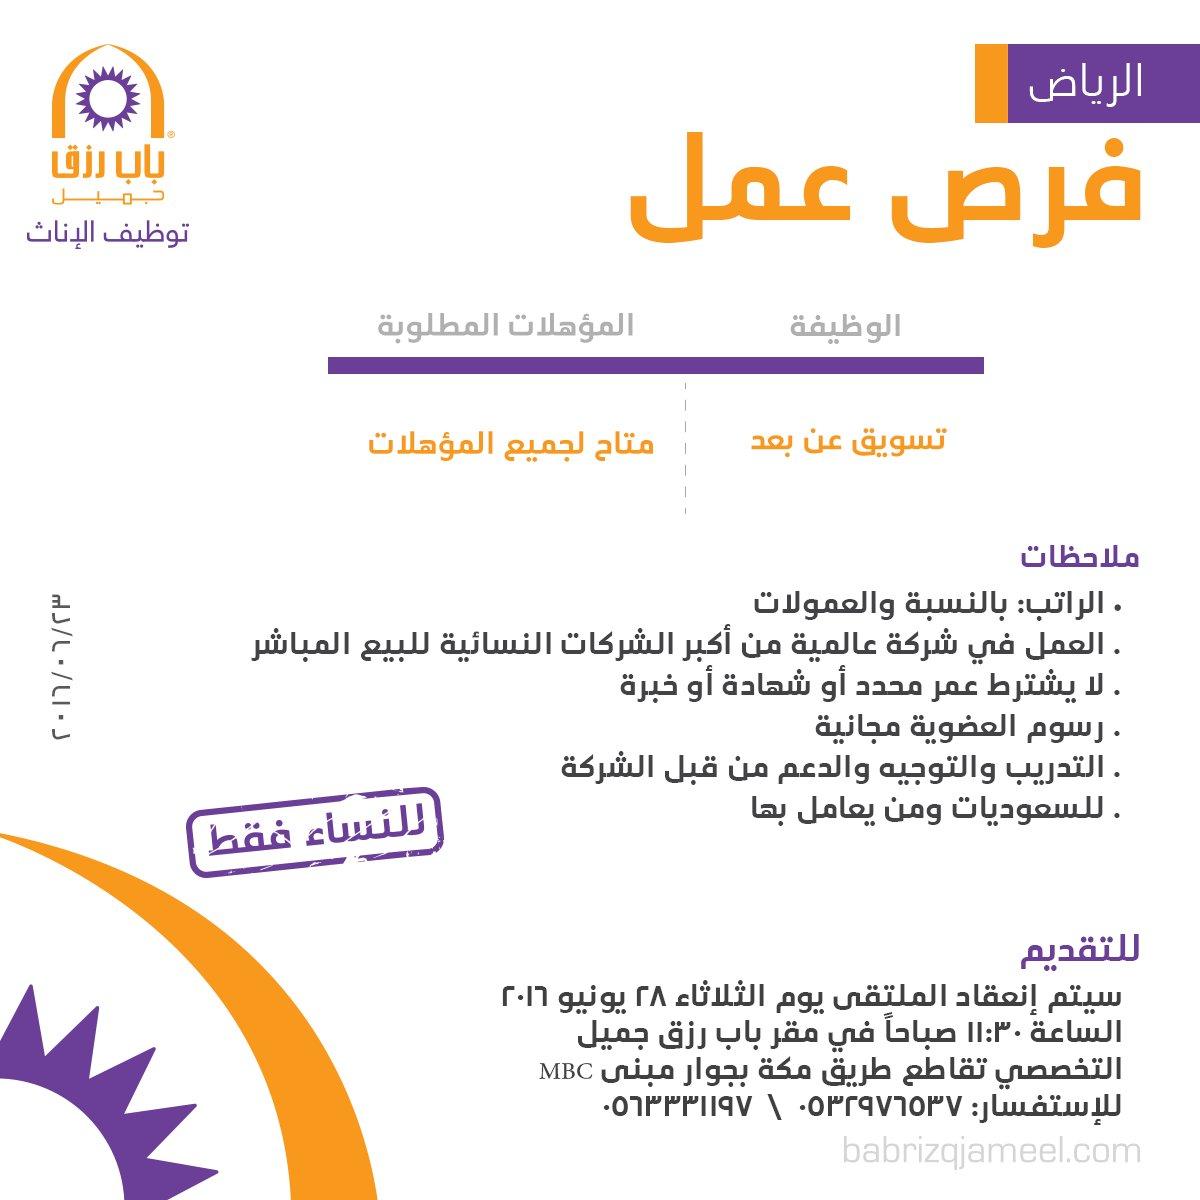 غدا الثلاثاء التقديم على وظيفة تسويق عن بعد للنساء - الرياض